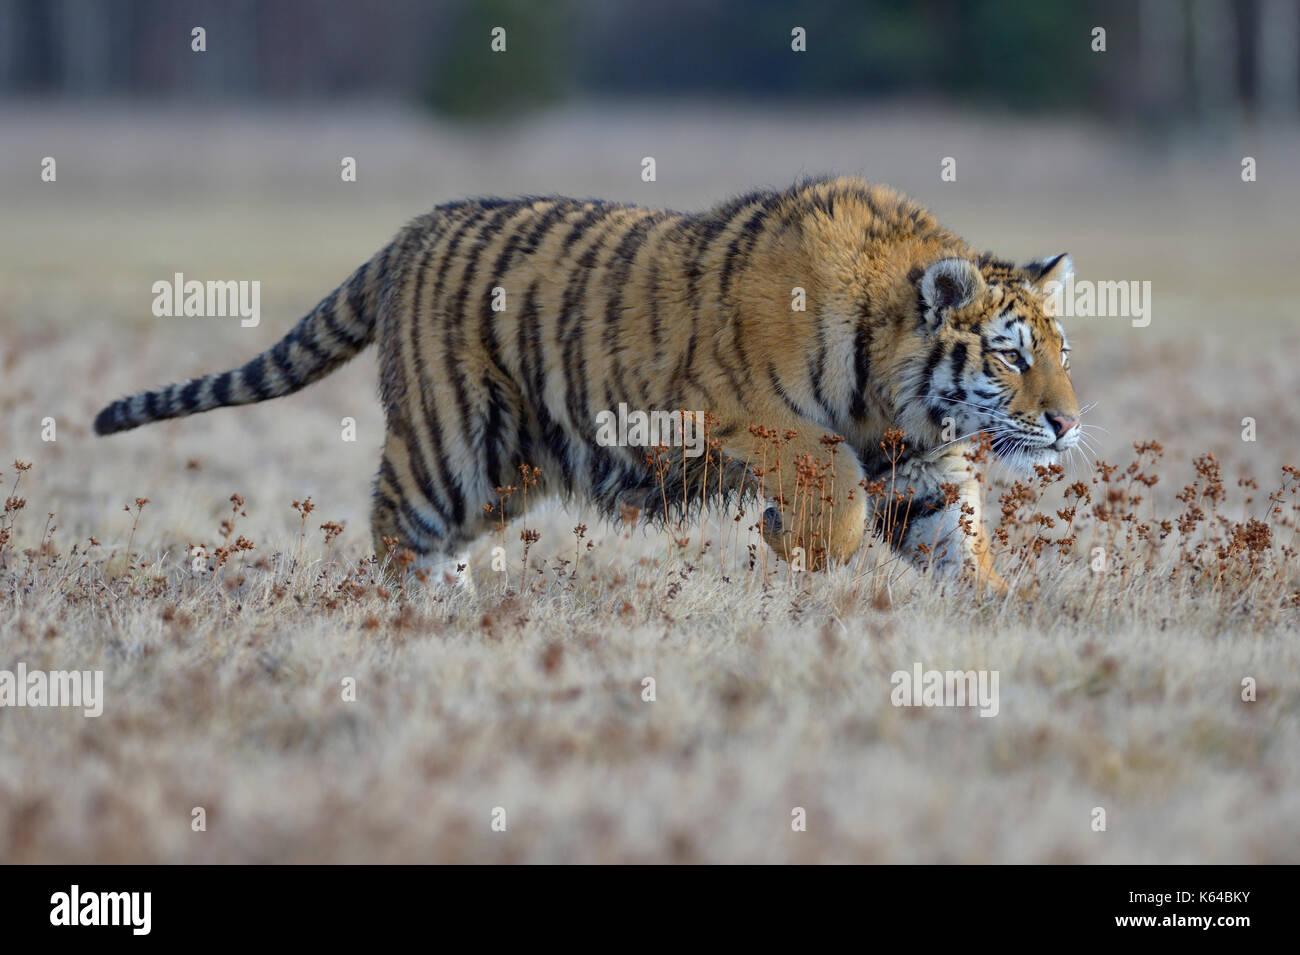 Tigre siberiano (Panthera tigris altaica), saltando en una pradera cercana, cautiva, Moravia, República Checa Foto de stock